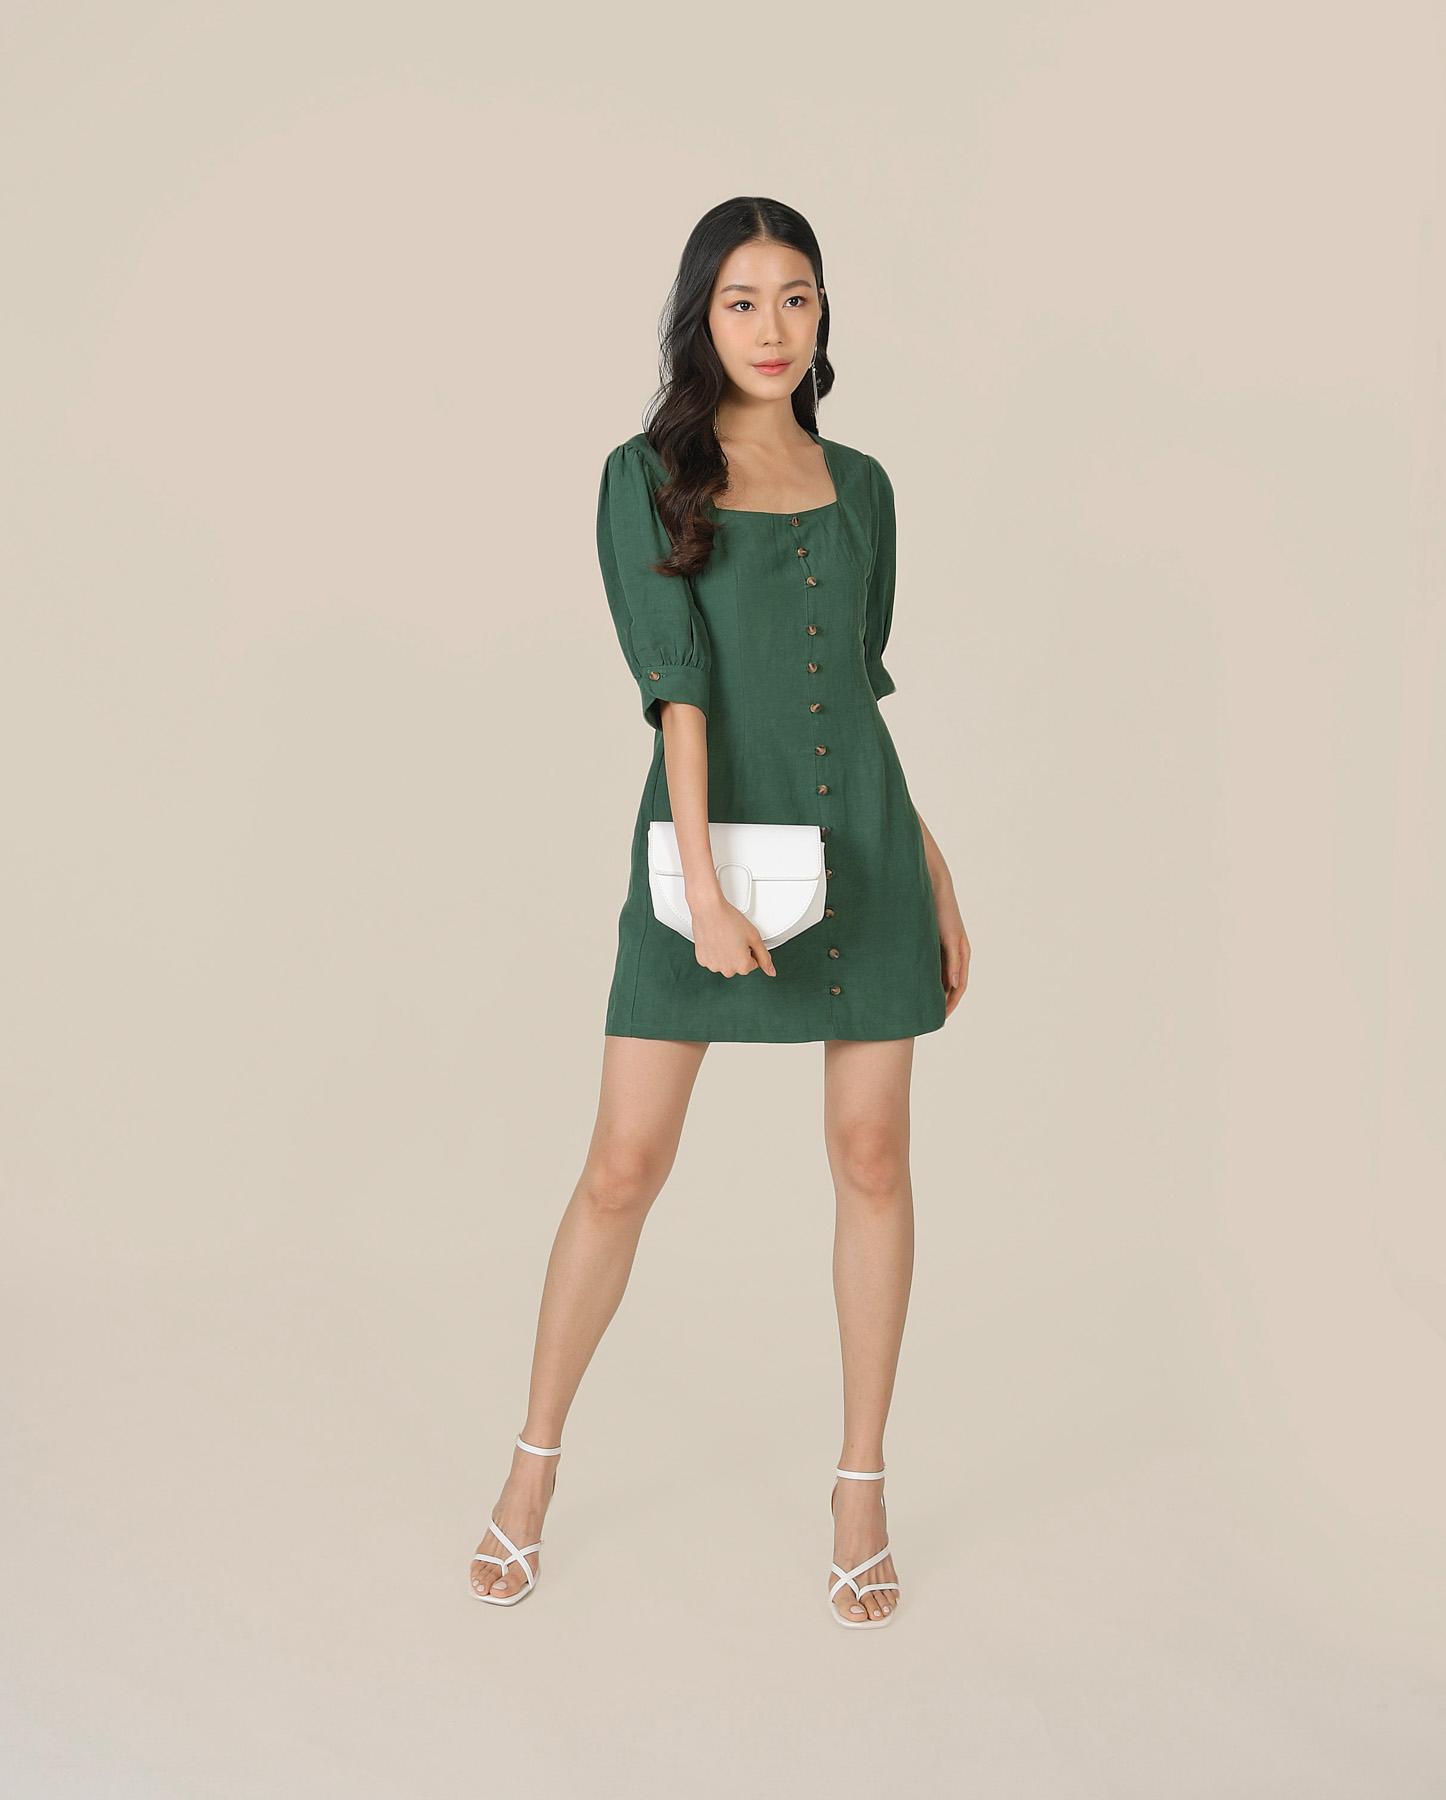 caprice-button-down-dress-hunter-green-1